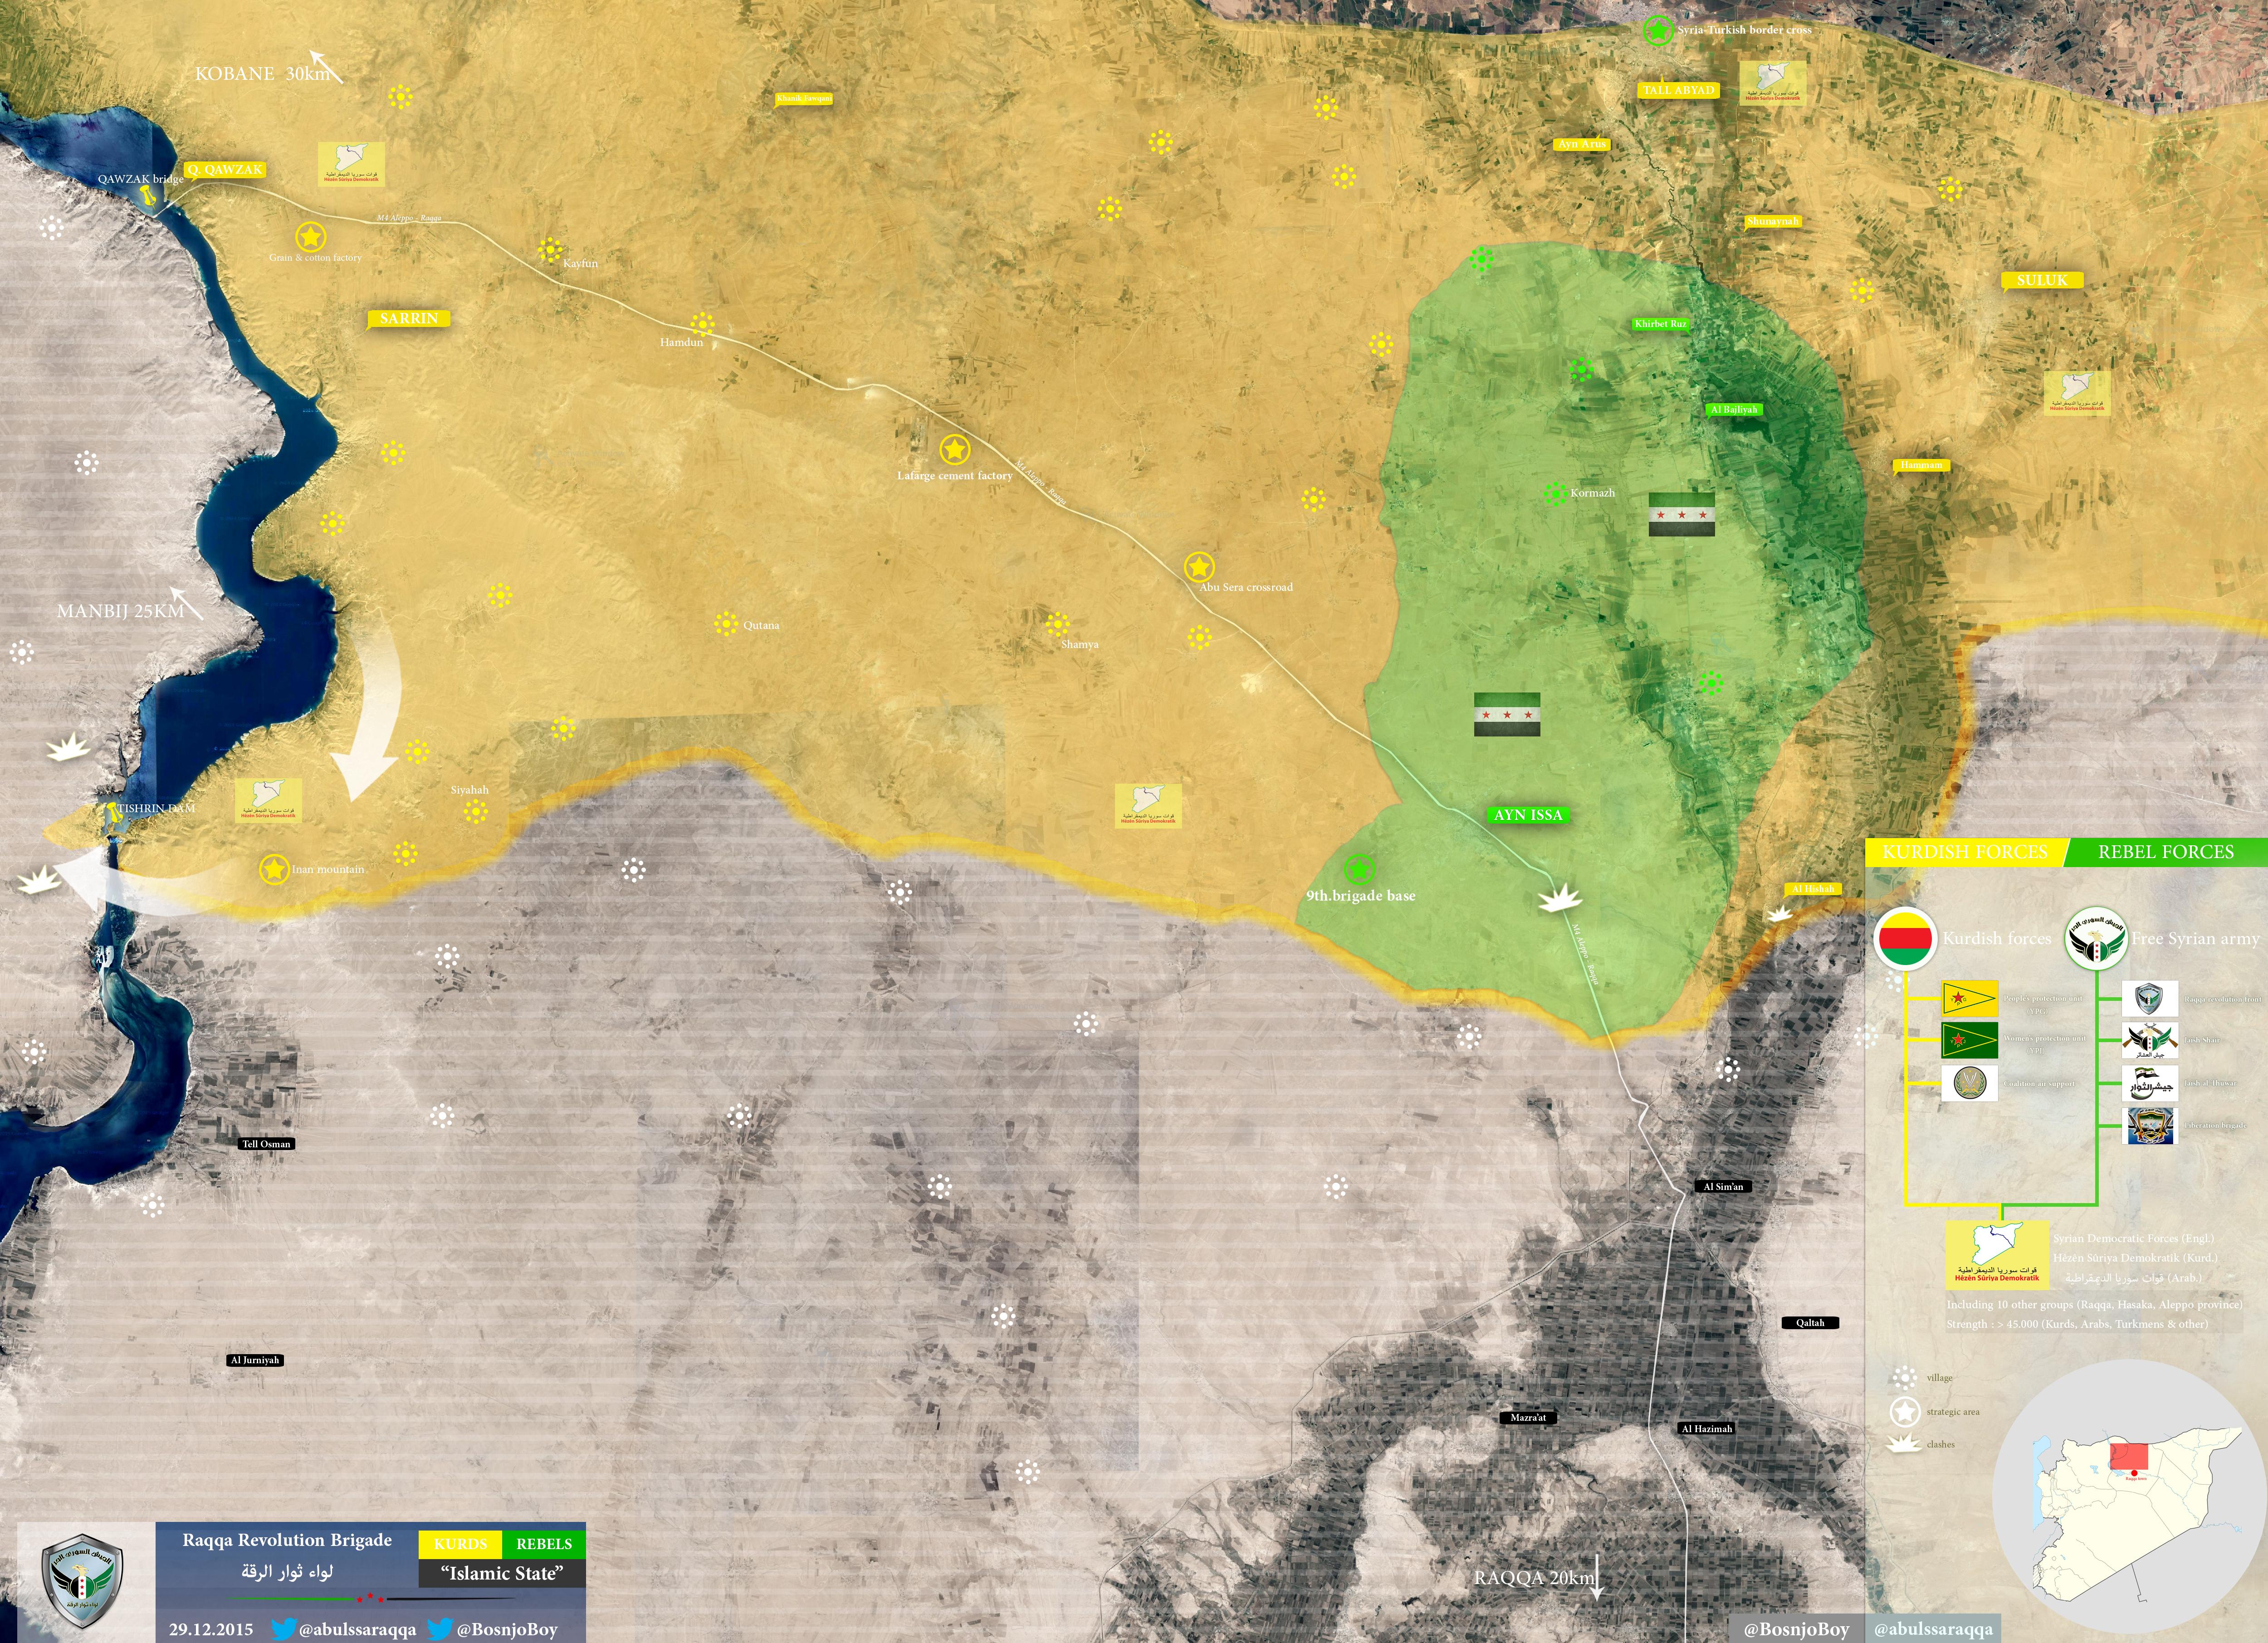 Территория Сирии которая находится под контролем SDF (курды и сирийская оппозиция) в провинция Ракка, Кобани, Хасака.